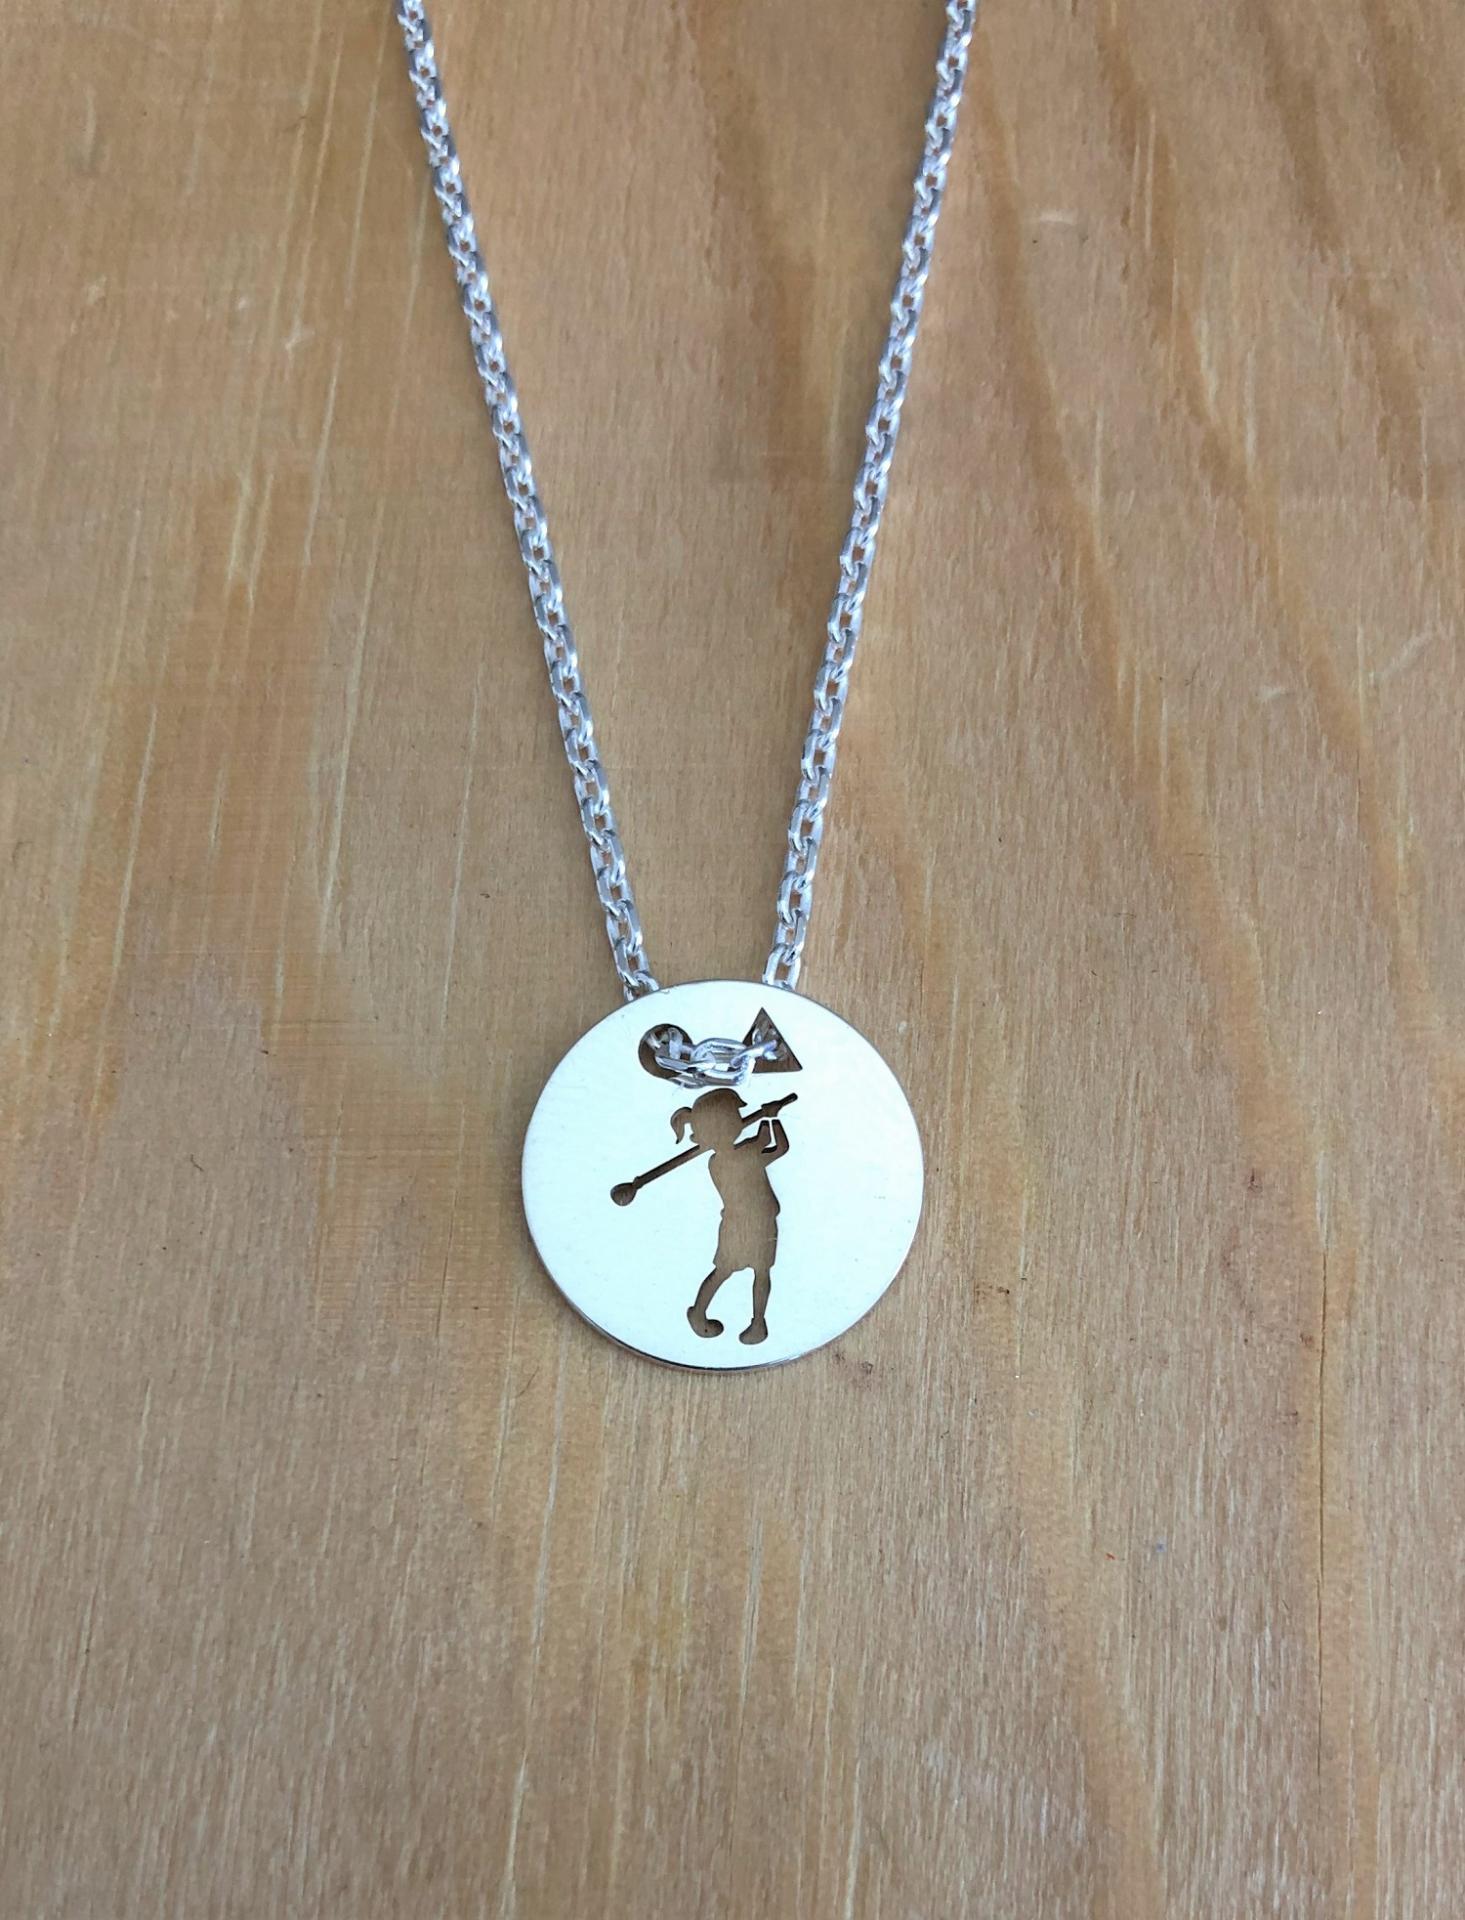 Petite golfeuse pend 1